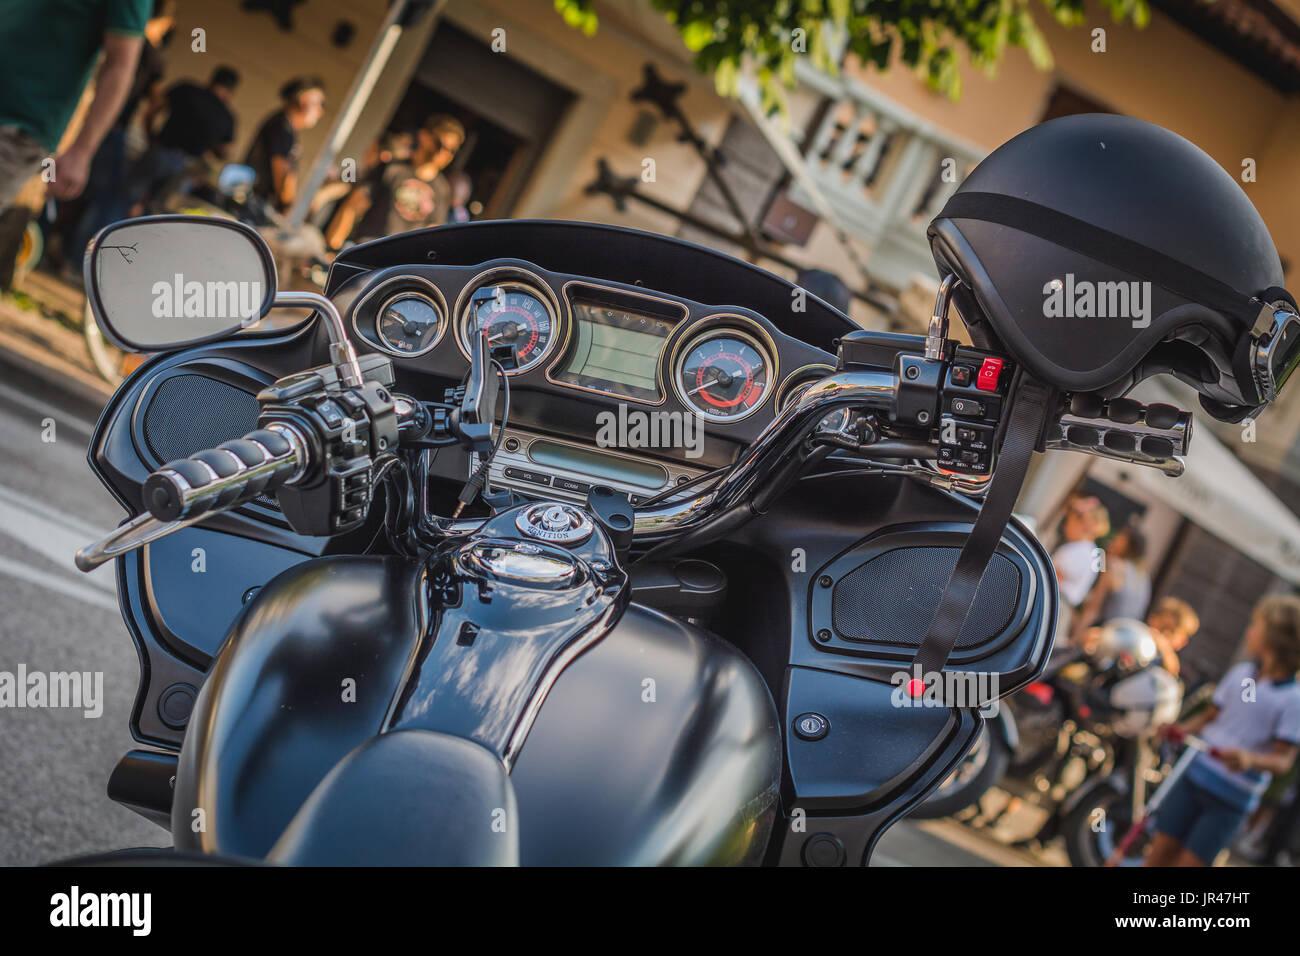 Classic Moto à une réunion de motards en italien ville. détail avec filtre effet vintage. Banque D'Images